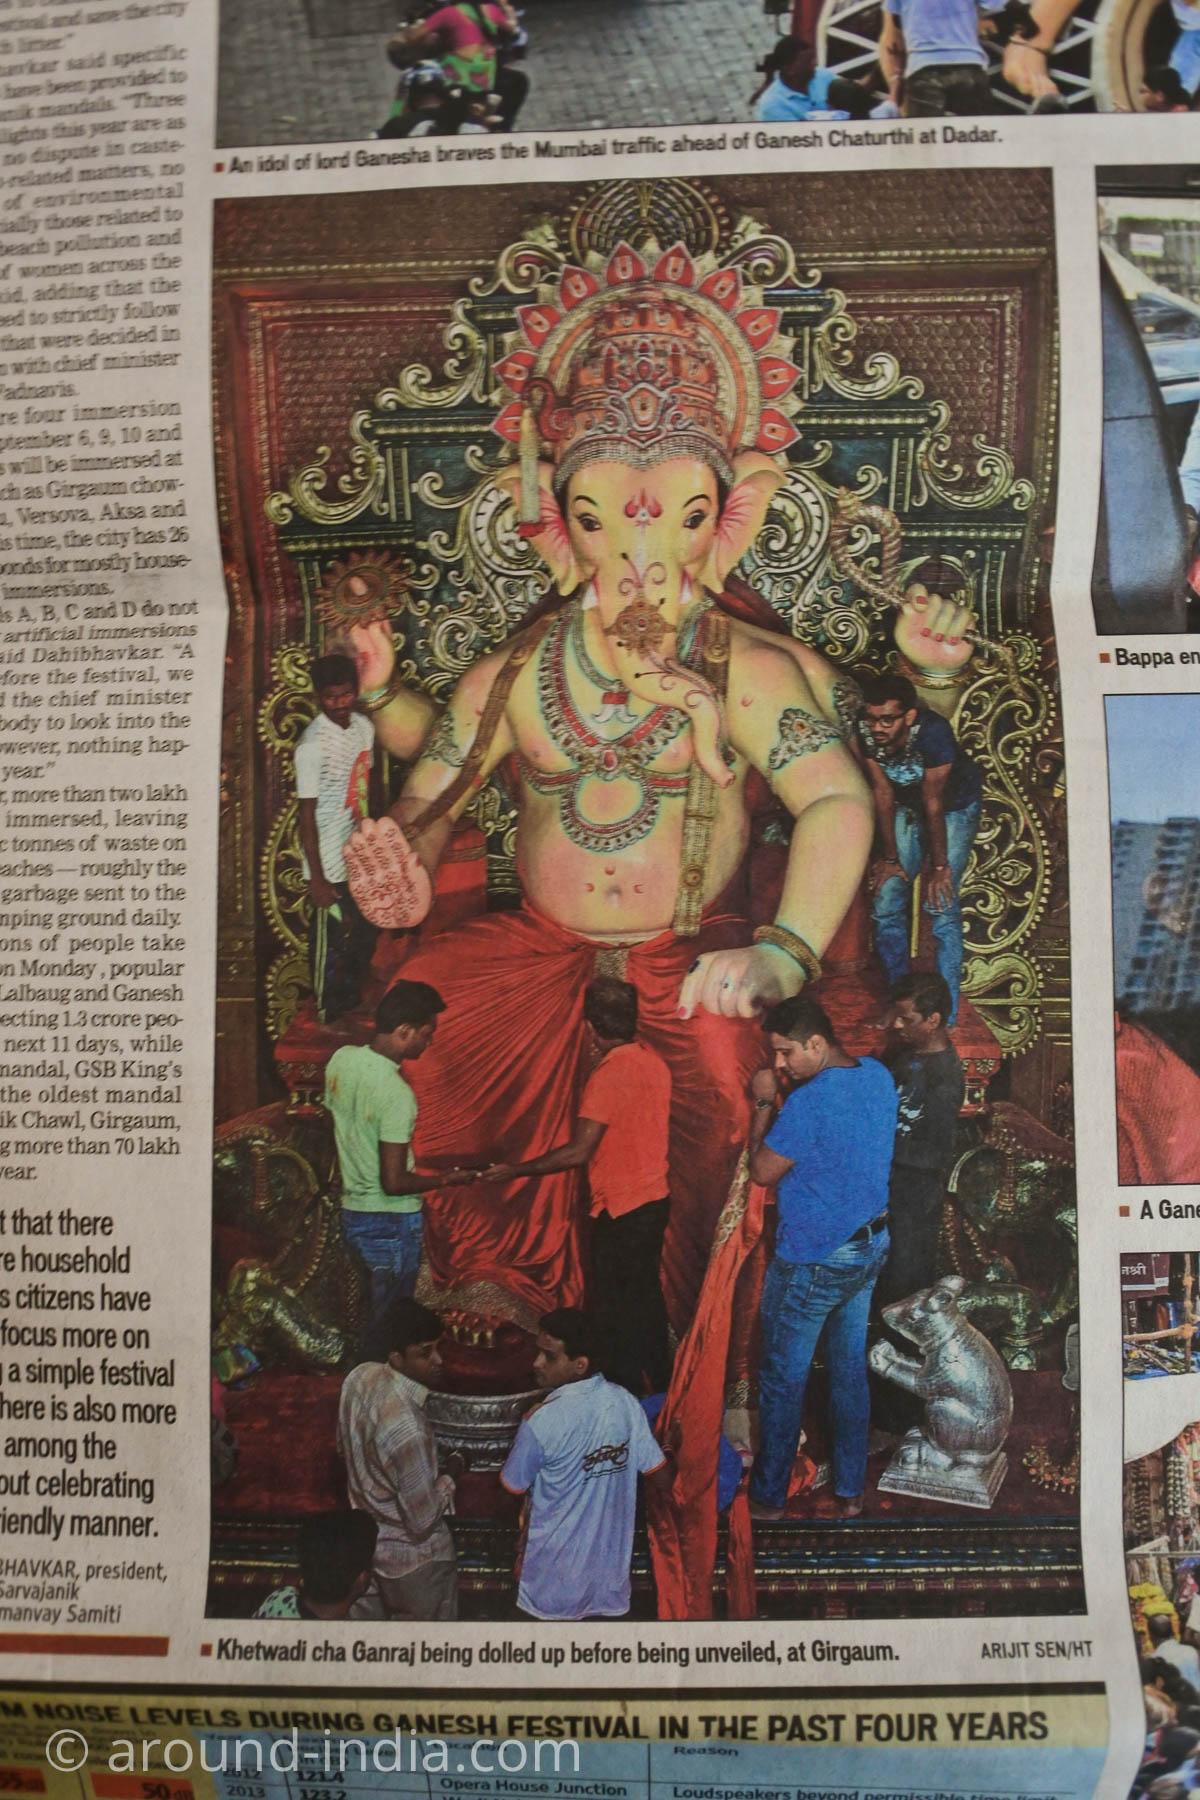 ムンバイのガネーチャチャトゥルティ新聞